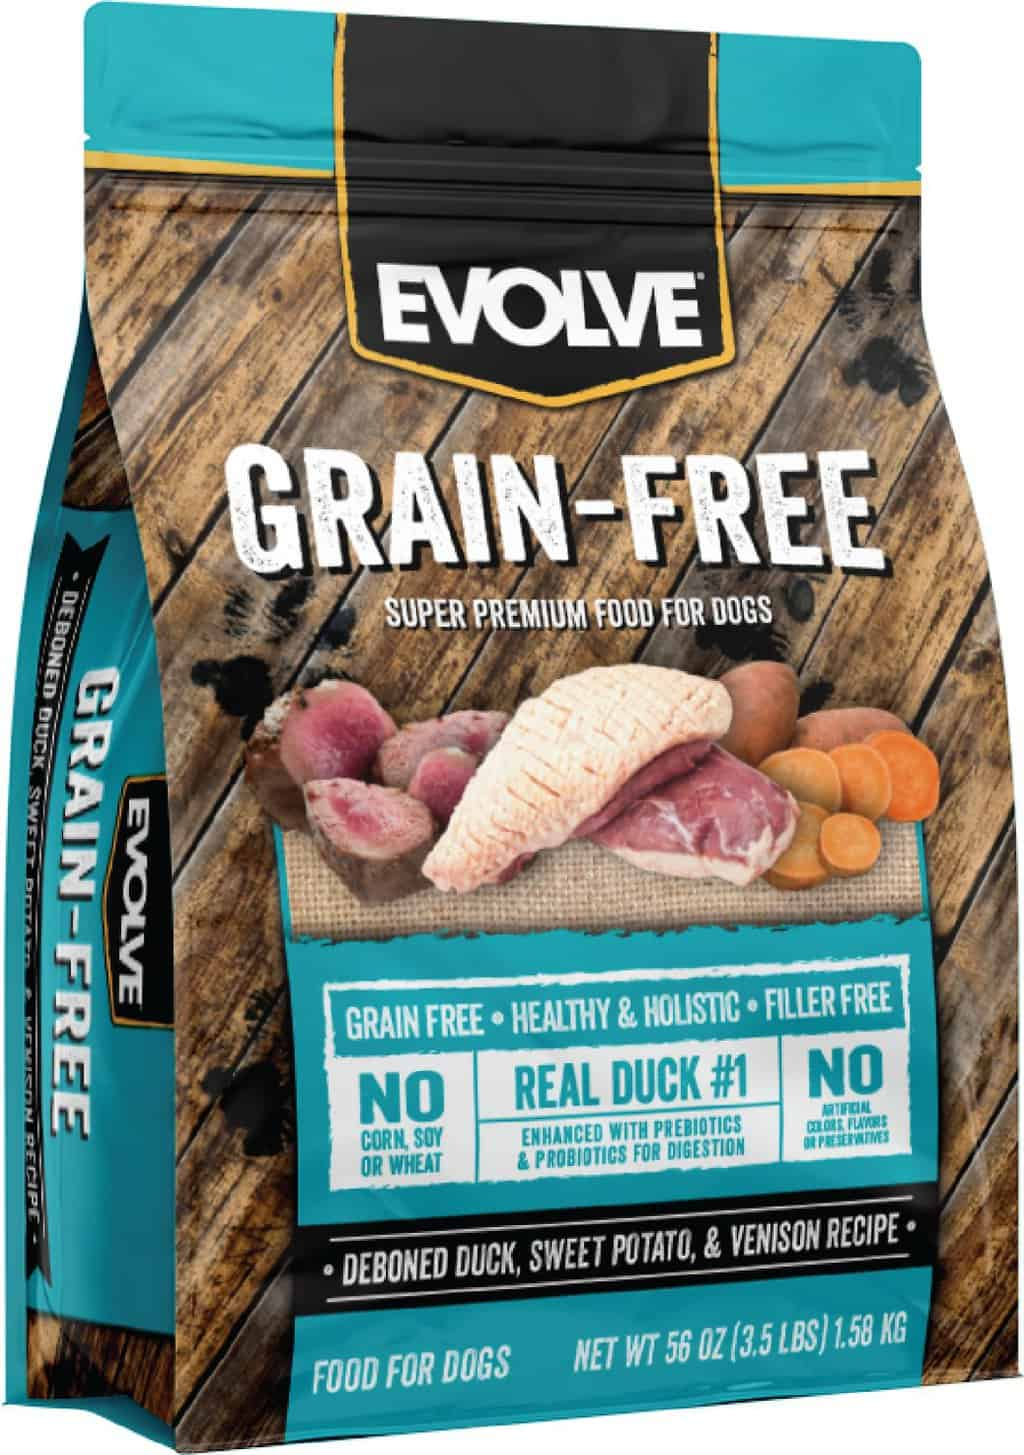 Evolve Dog Food Review 2021: Best Affordable, Premium Pet Food? 22